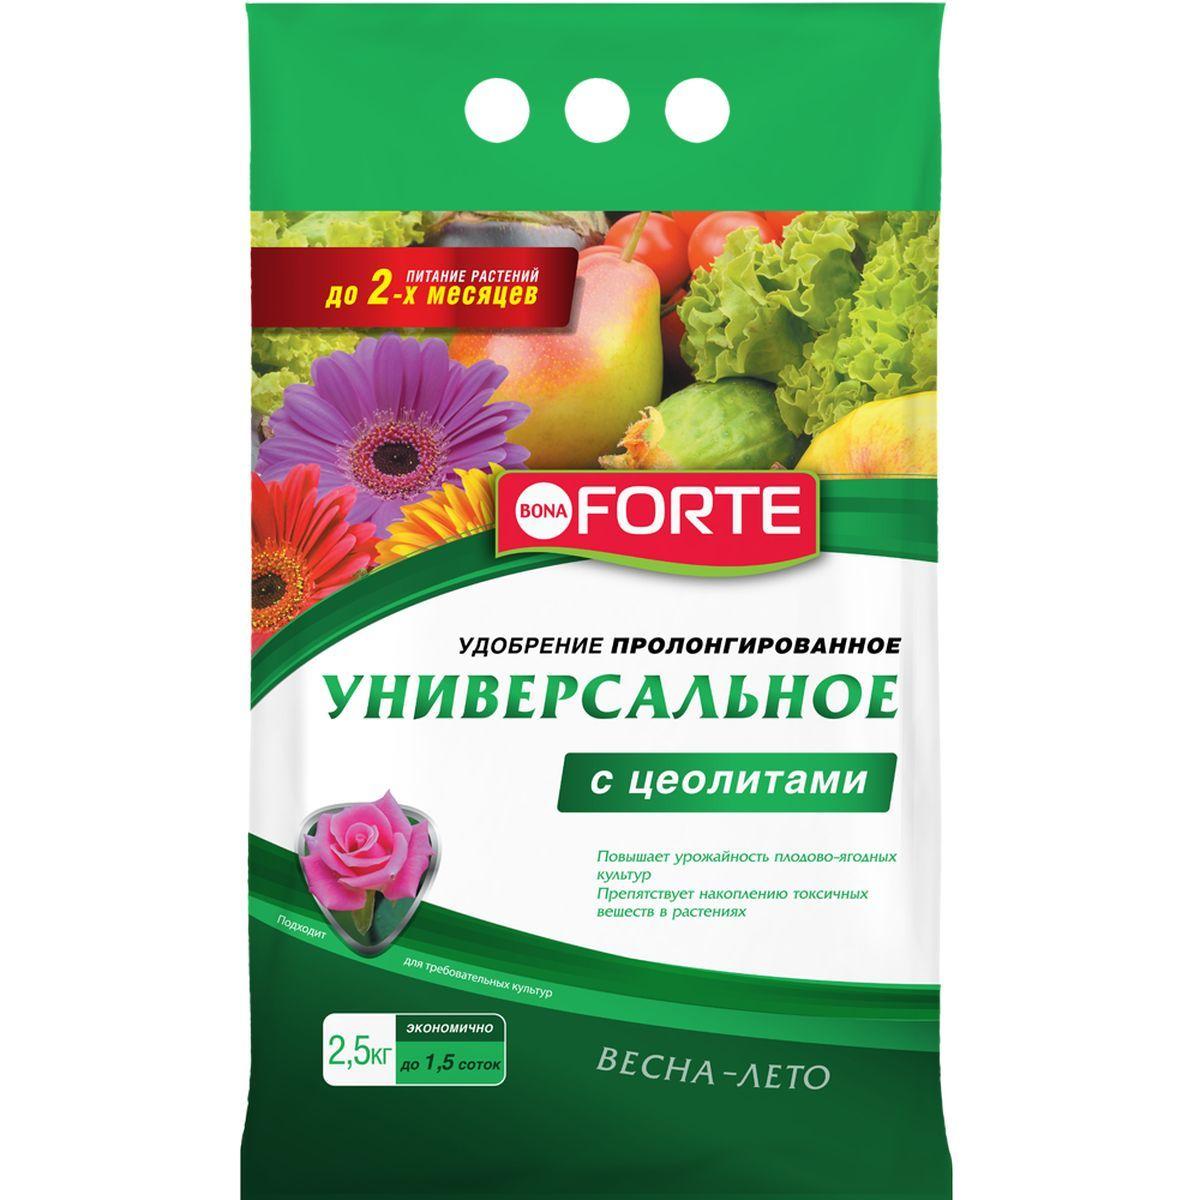 Удобрение Bona Forte, универсальное, с цеолитом, 2,5 кг удобрения